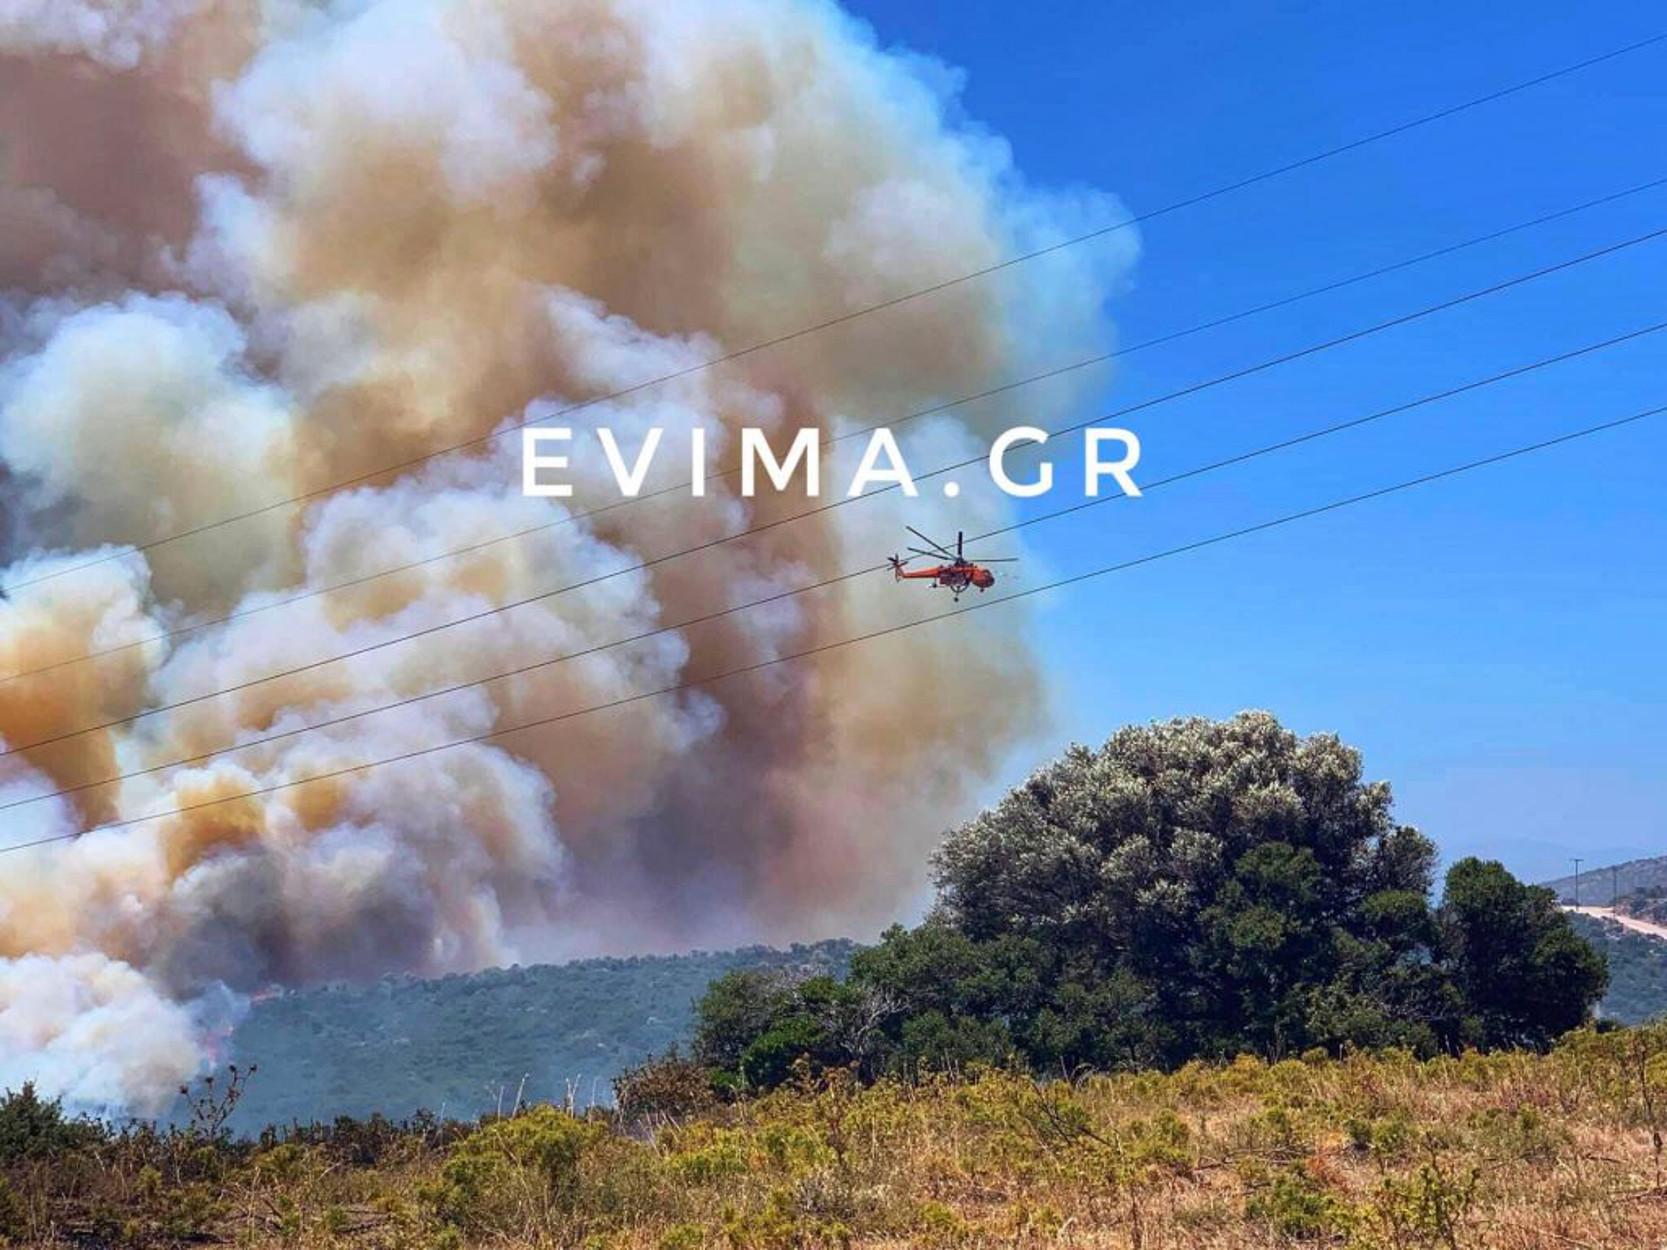 Εύβοια: Δύο φωτιές στα Πολιτικά – Μεγάλη κινητοποίηση της Πυροσβεστικής